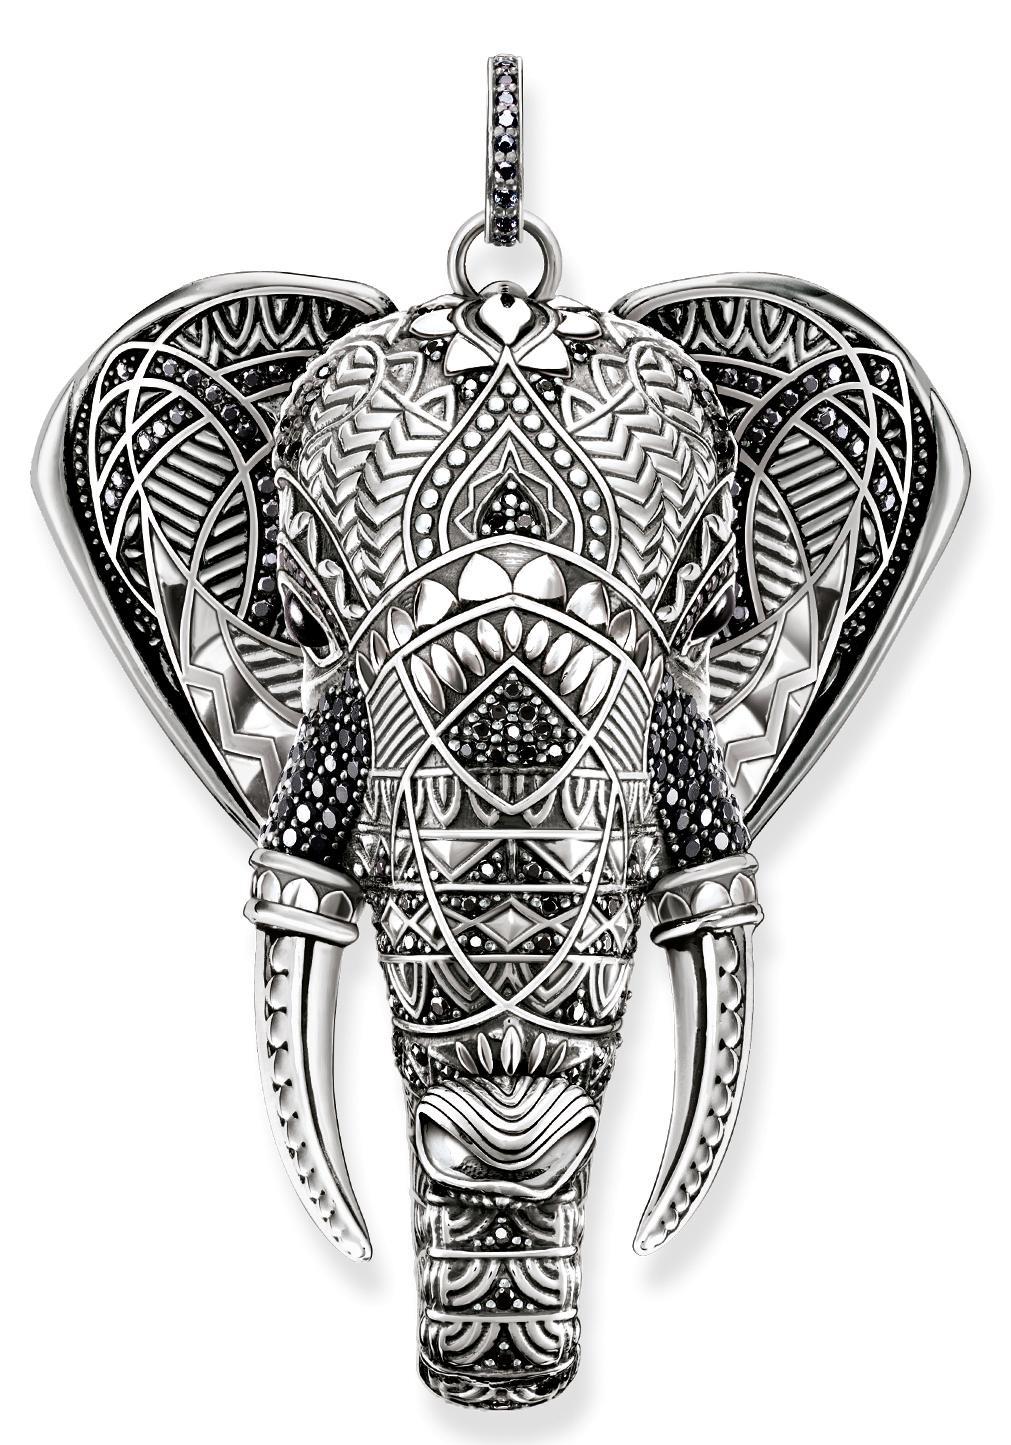 THOMAS SABO Kettenanhänger Elefant PE738-641-11 | Schmuck > Halsketten > Kettenanhänger | Schwarz | Thomas Sabo